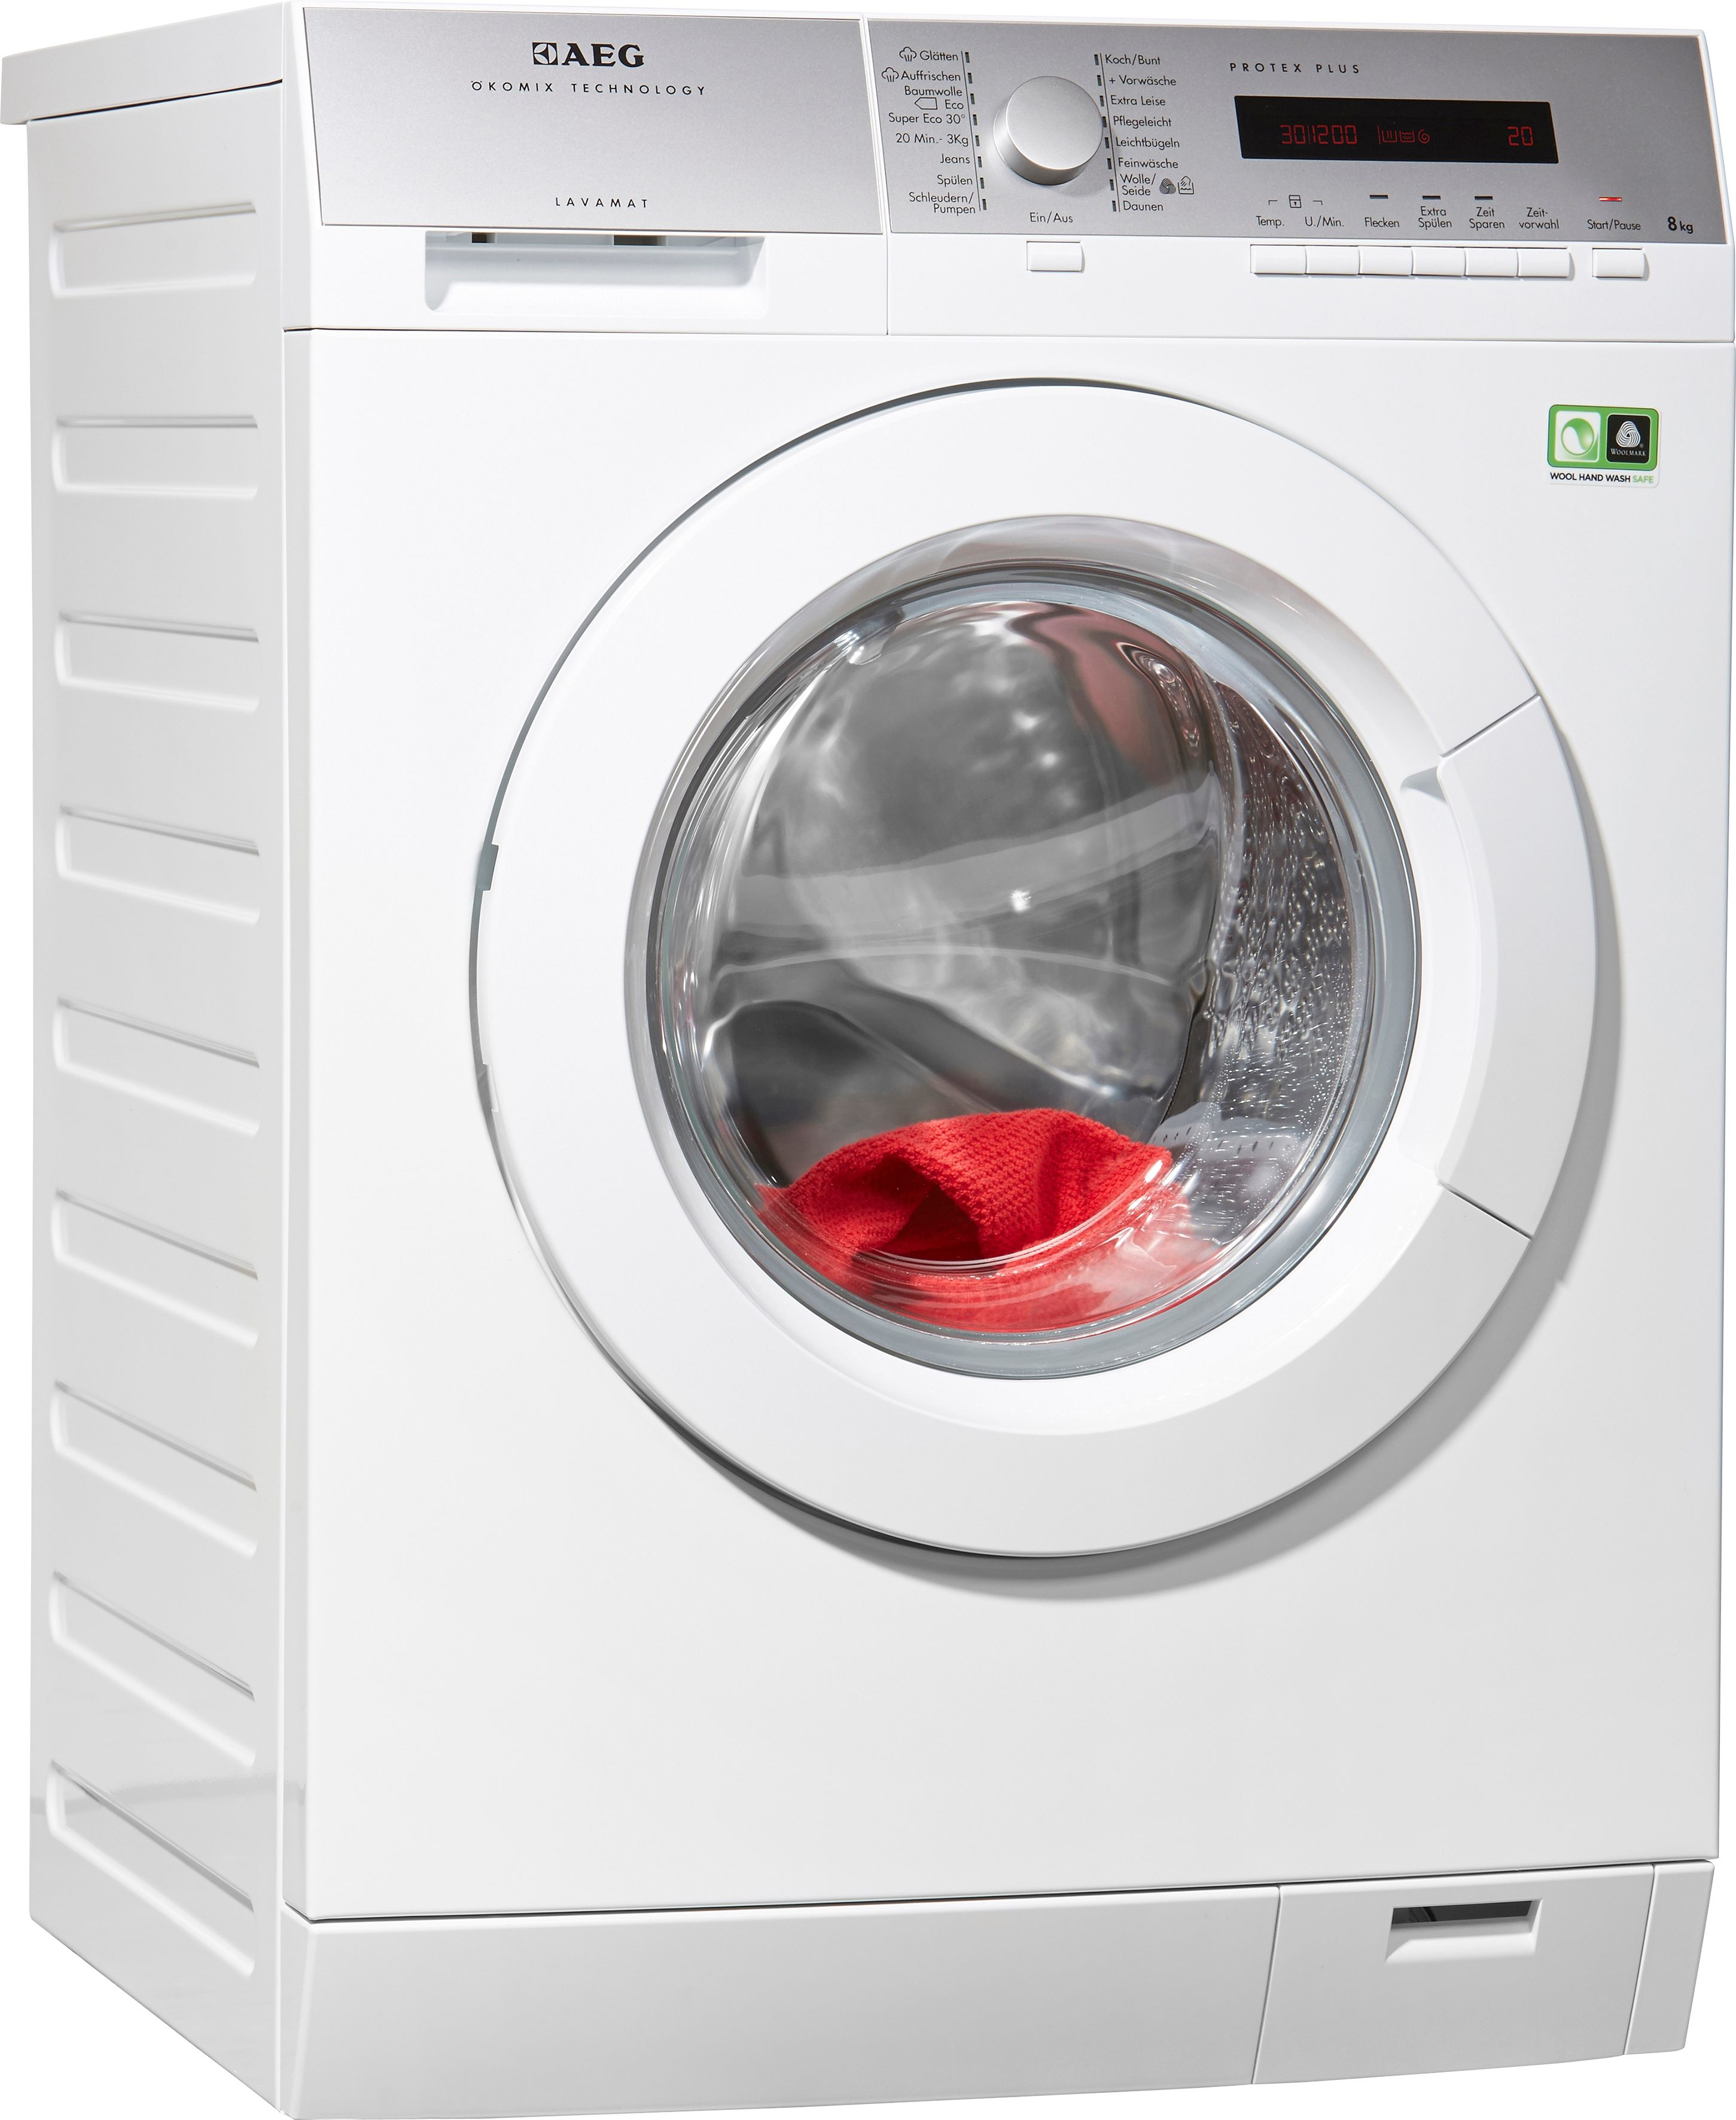 AEG Waschmaschine LAVAMAT L79685FL, 8 kg, 1600 U/Min